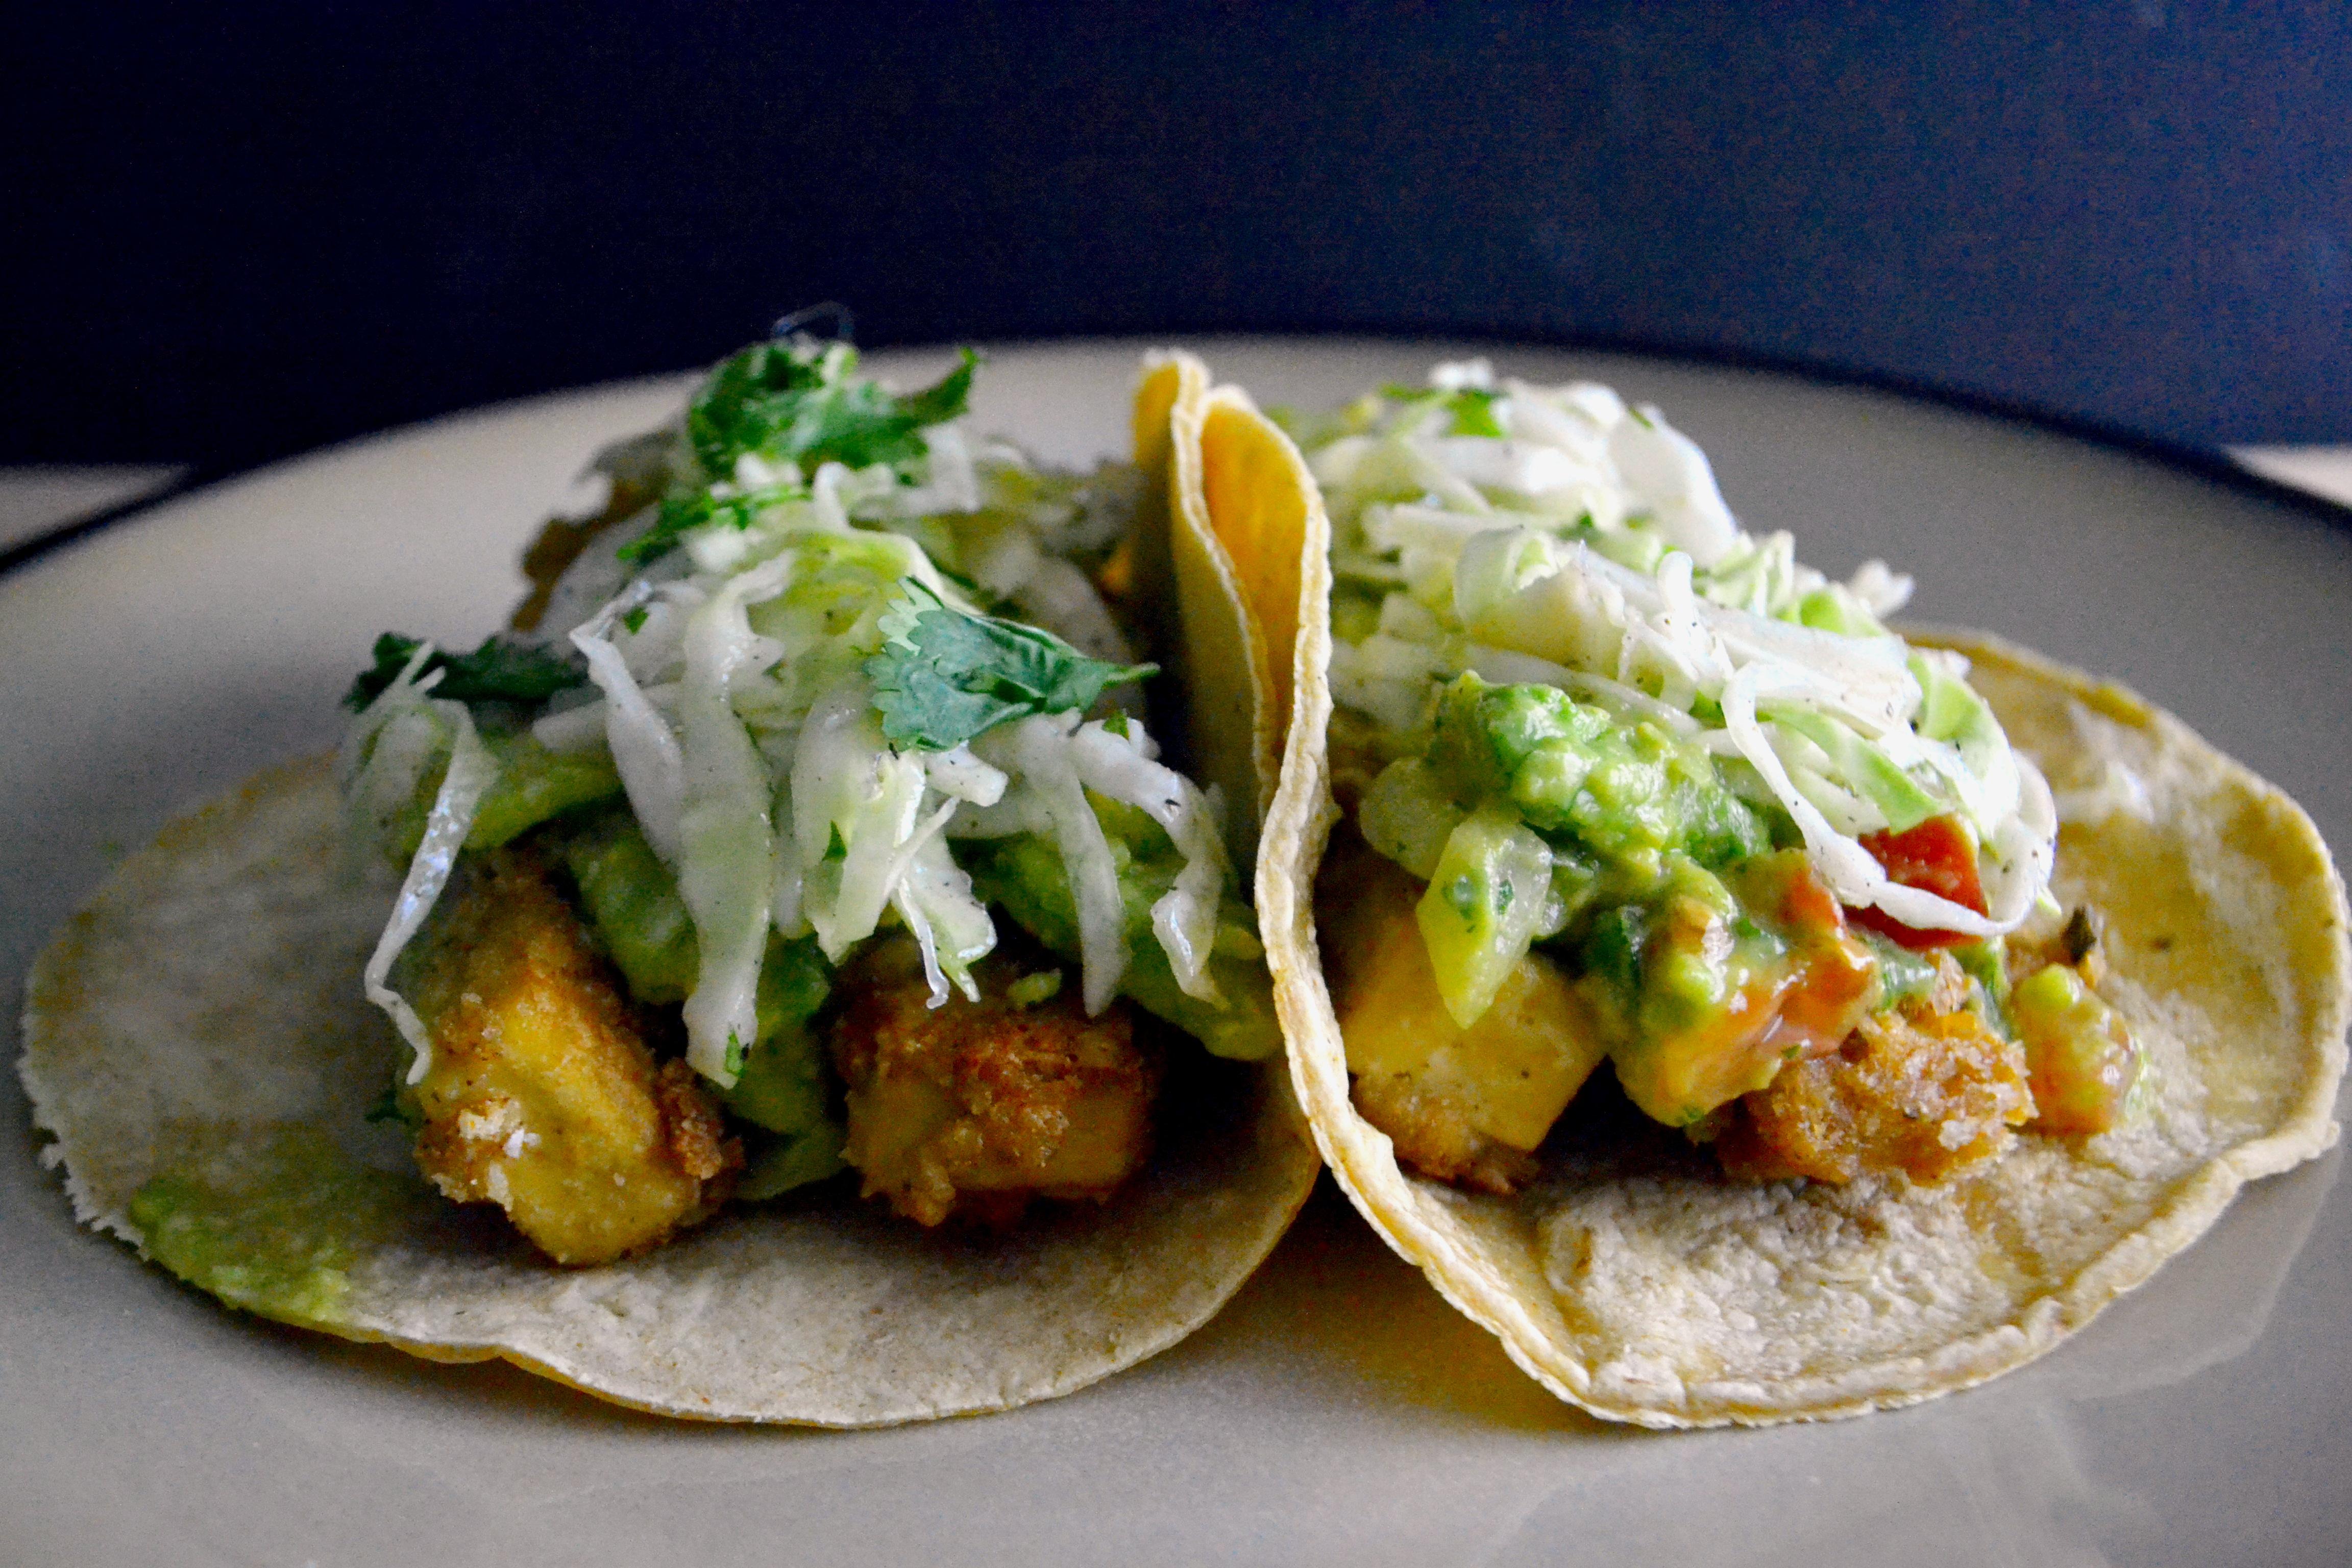 Fish tacos veganized for Vegan fish tacos